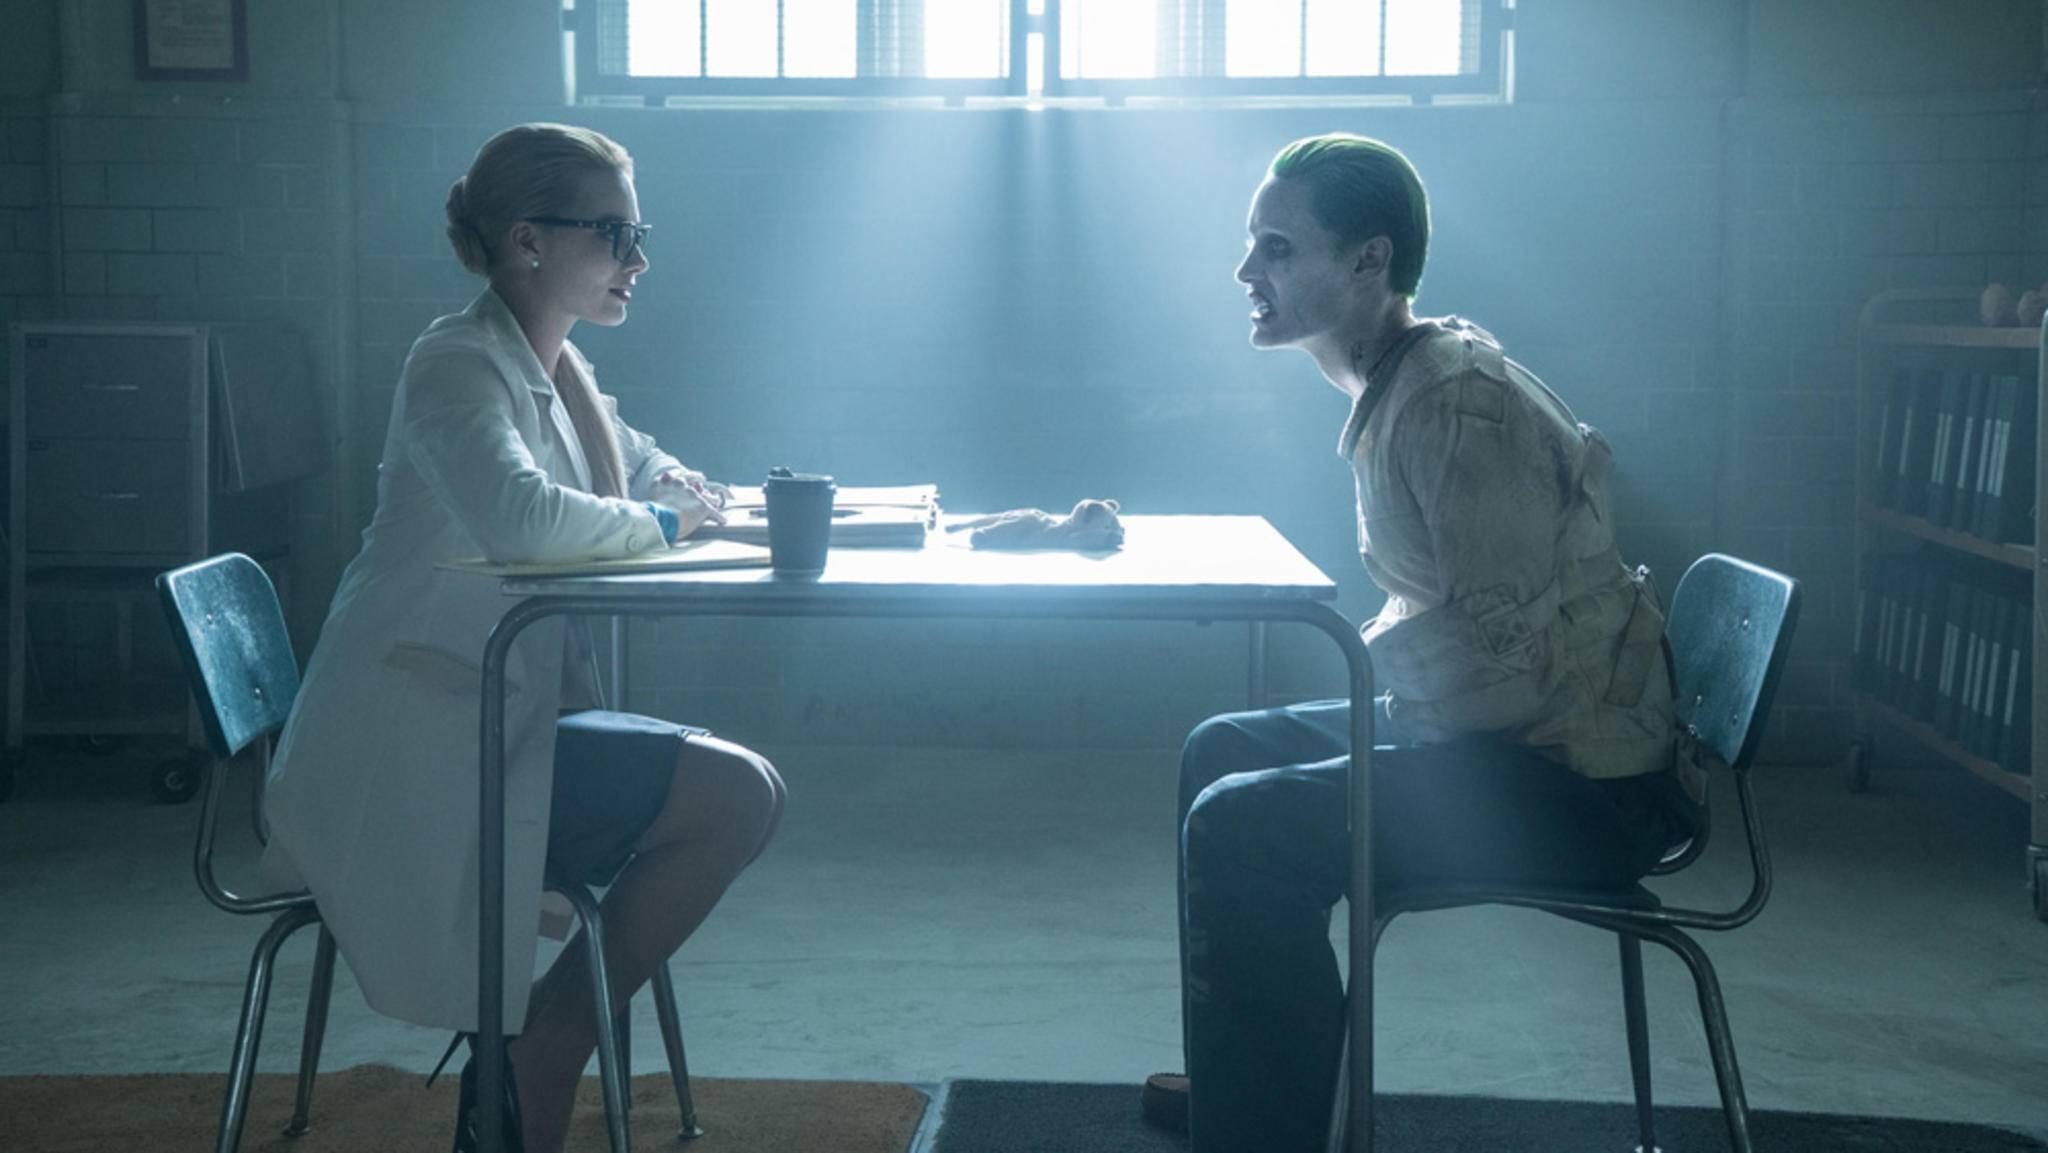 """Der Film rund um Harley Quinn und den Joker könnte ebenso irre werden wie die Beziehung des """"Suicide Squad""""-Paars selbst ..."""